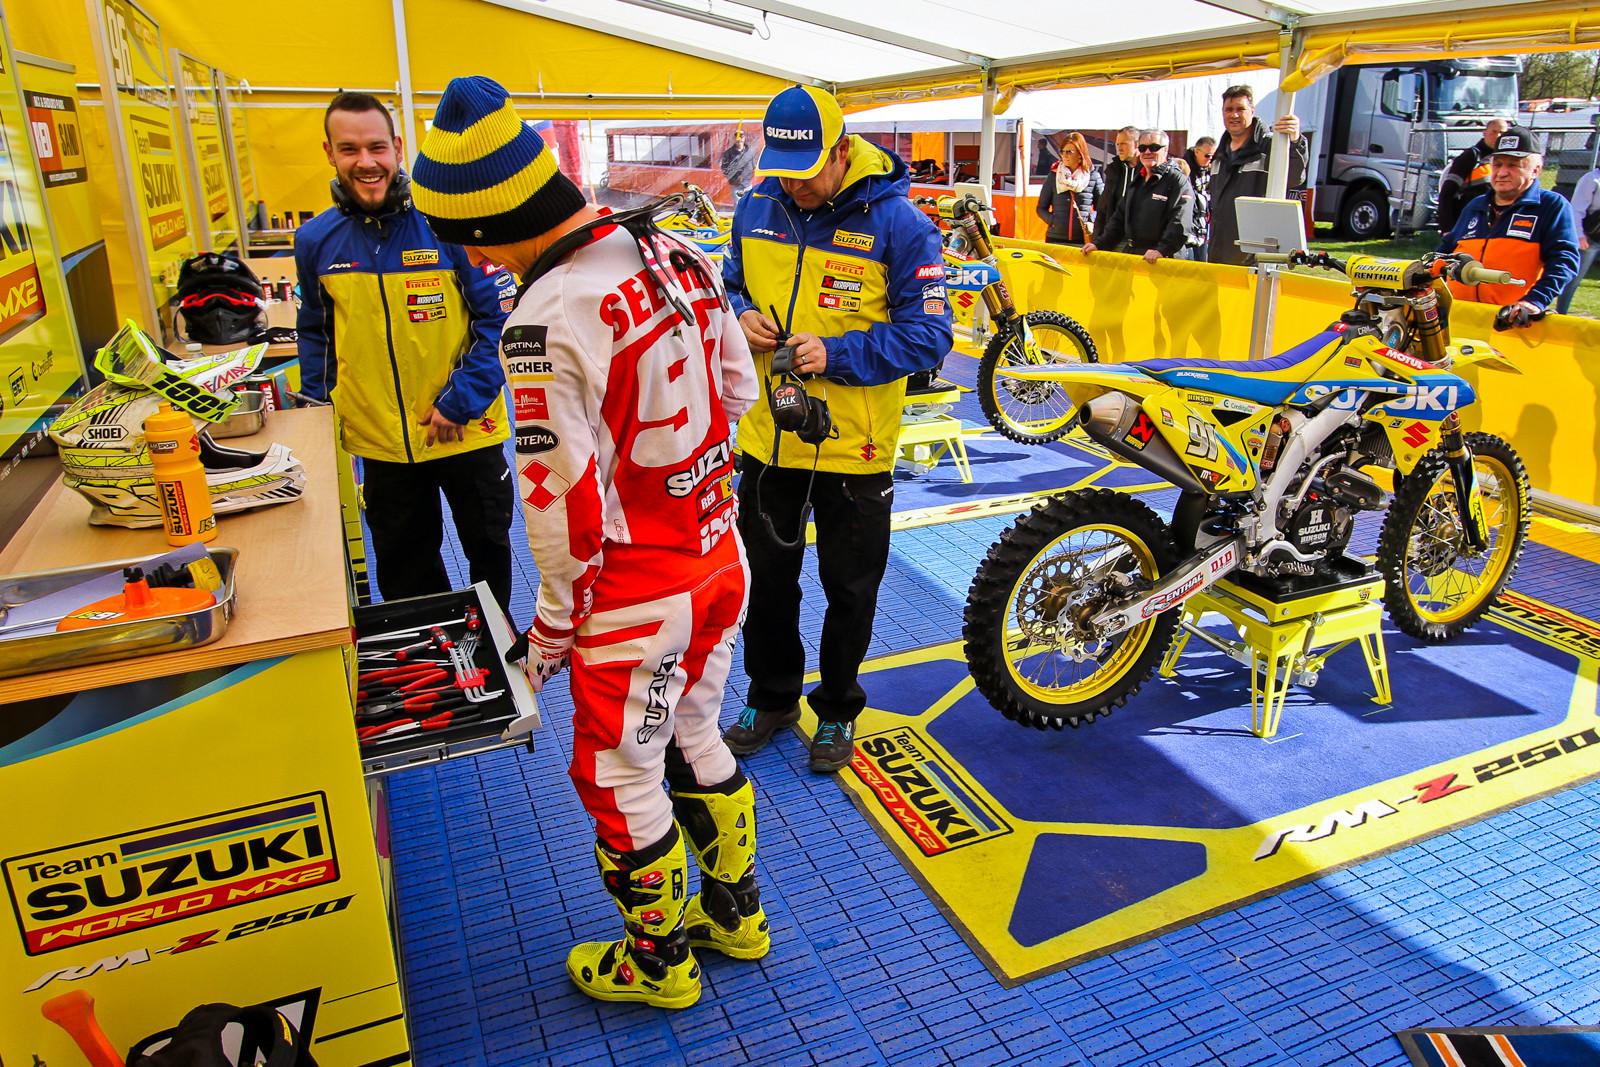 Suzuki World MX2 - Vital MX Pit Bits: 2017 MXGP of Valkenswaard - Motocross Pictures - Vital MX